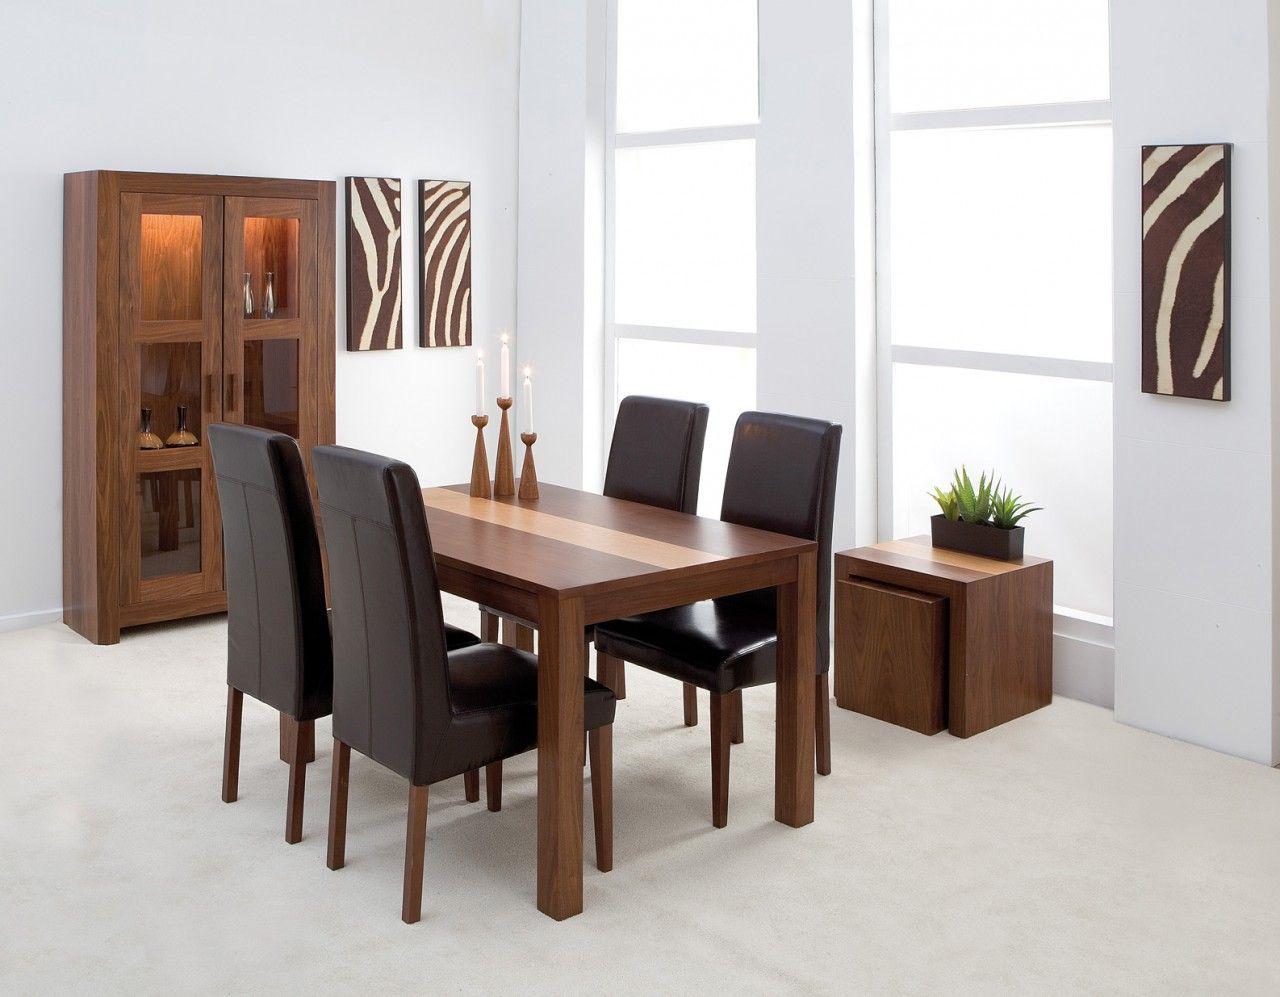 4 Chair Dining Table Set 4 Chair Dining Table Dining Room